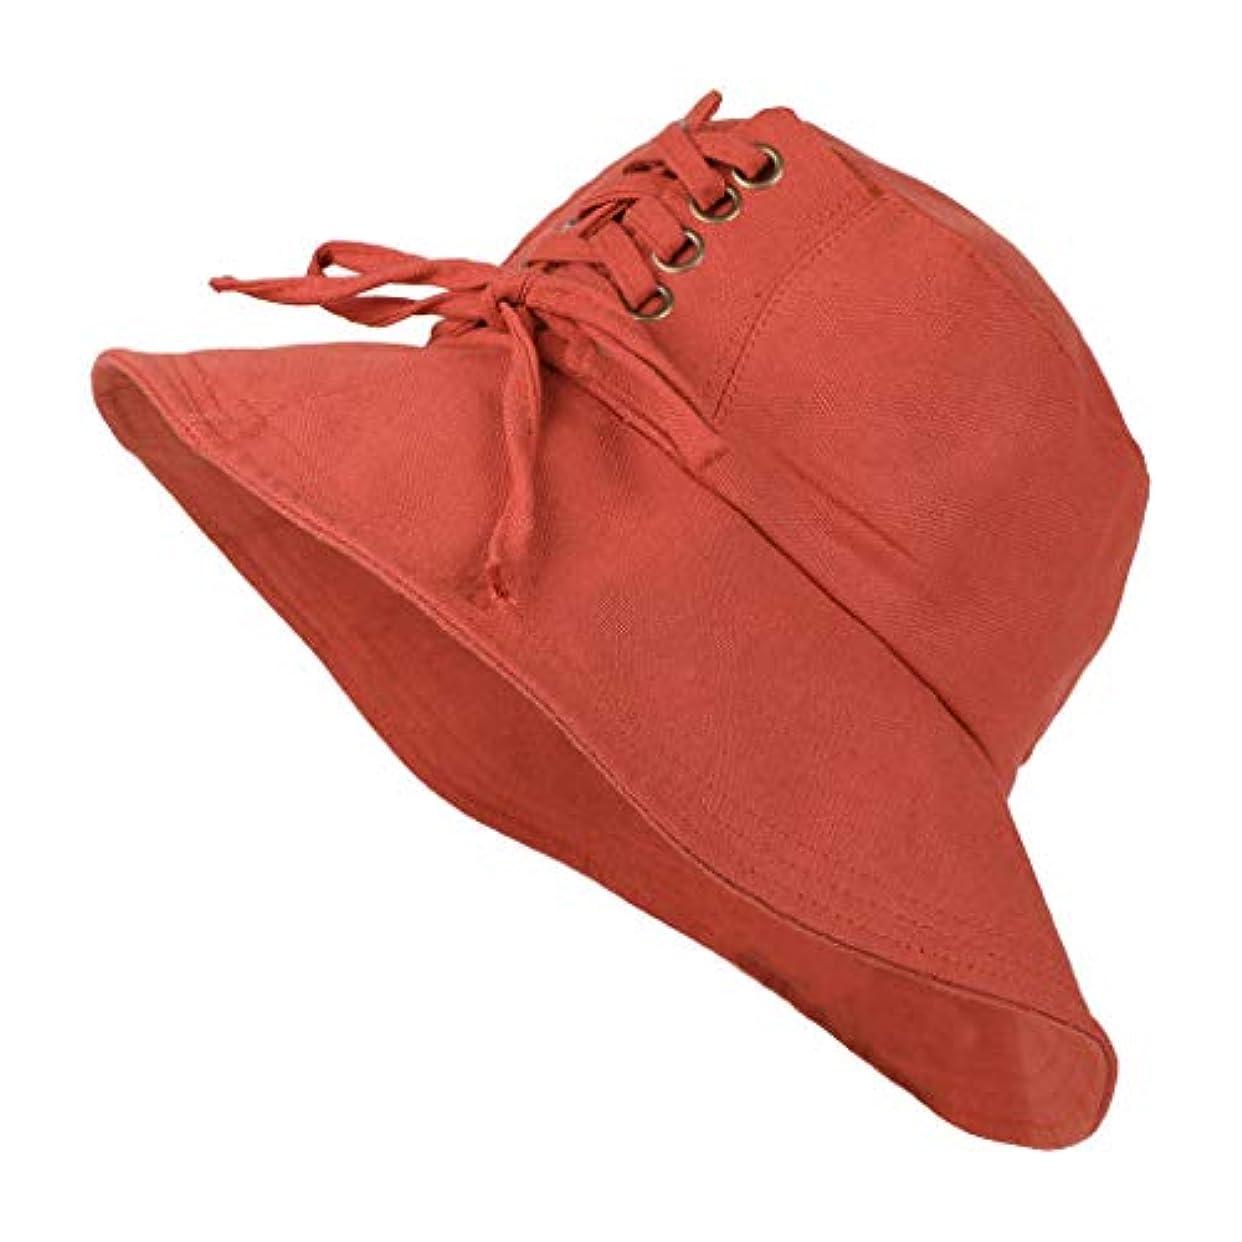 鑑定圧力地獄UVカット 帽子 レディース 日よけ 帽子 レディース ハット つば広 ハット日よけ 折りたたみ 夏季 女優帽 小顔効果抜群 日よけ 小顔 UV対策 おしゃれ 可愛い ハット ニット帽 キャップ レディース ROSE ROMAN